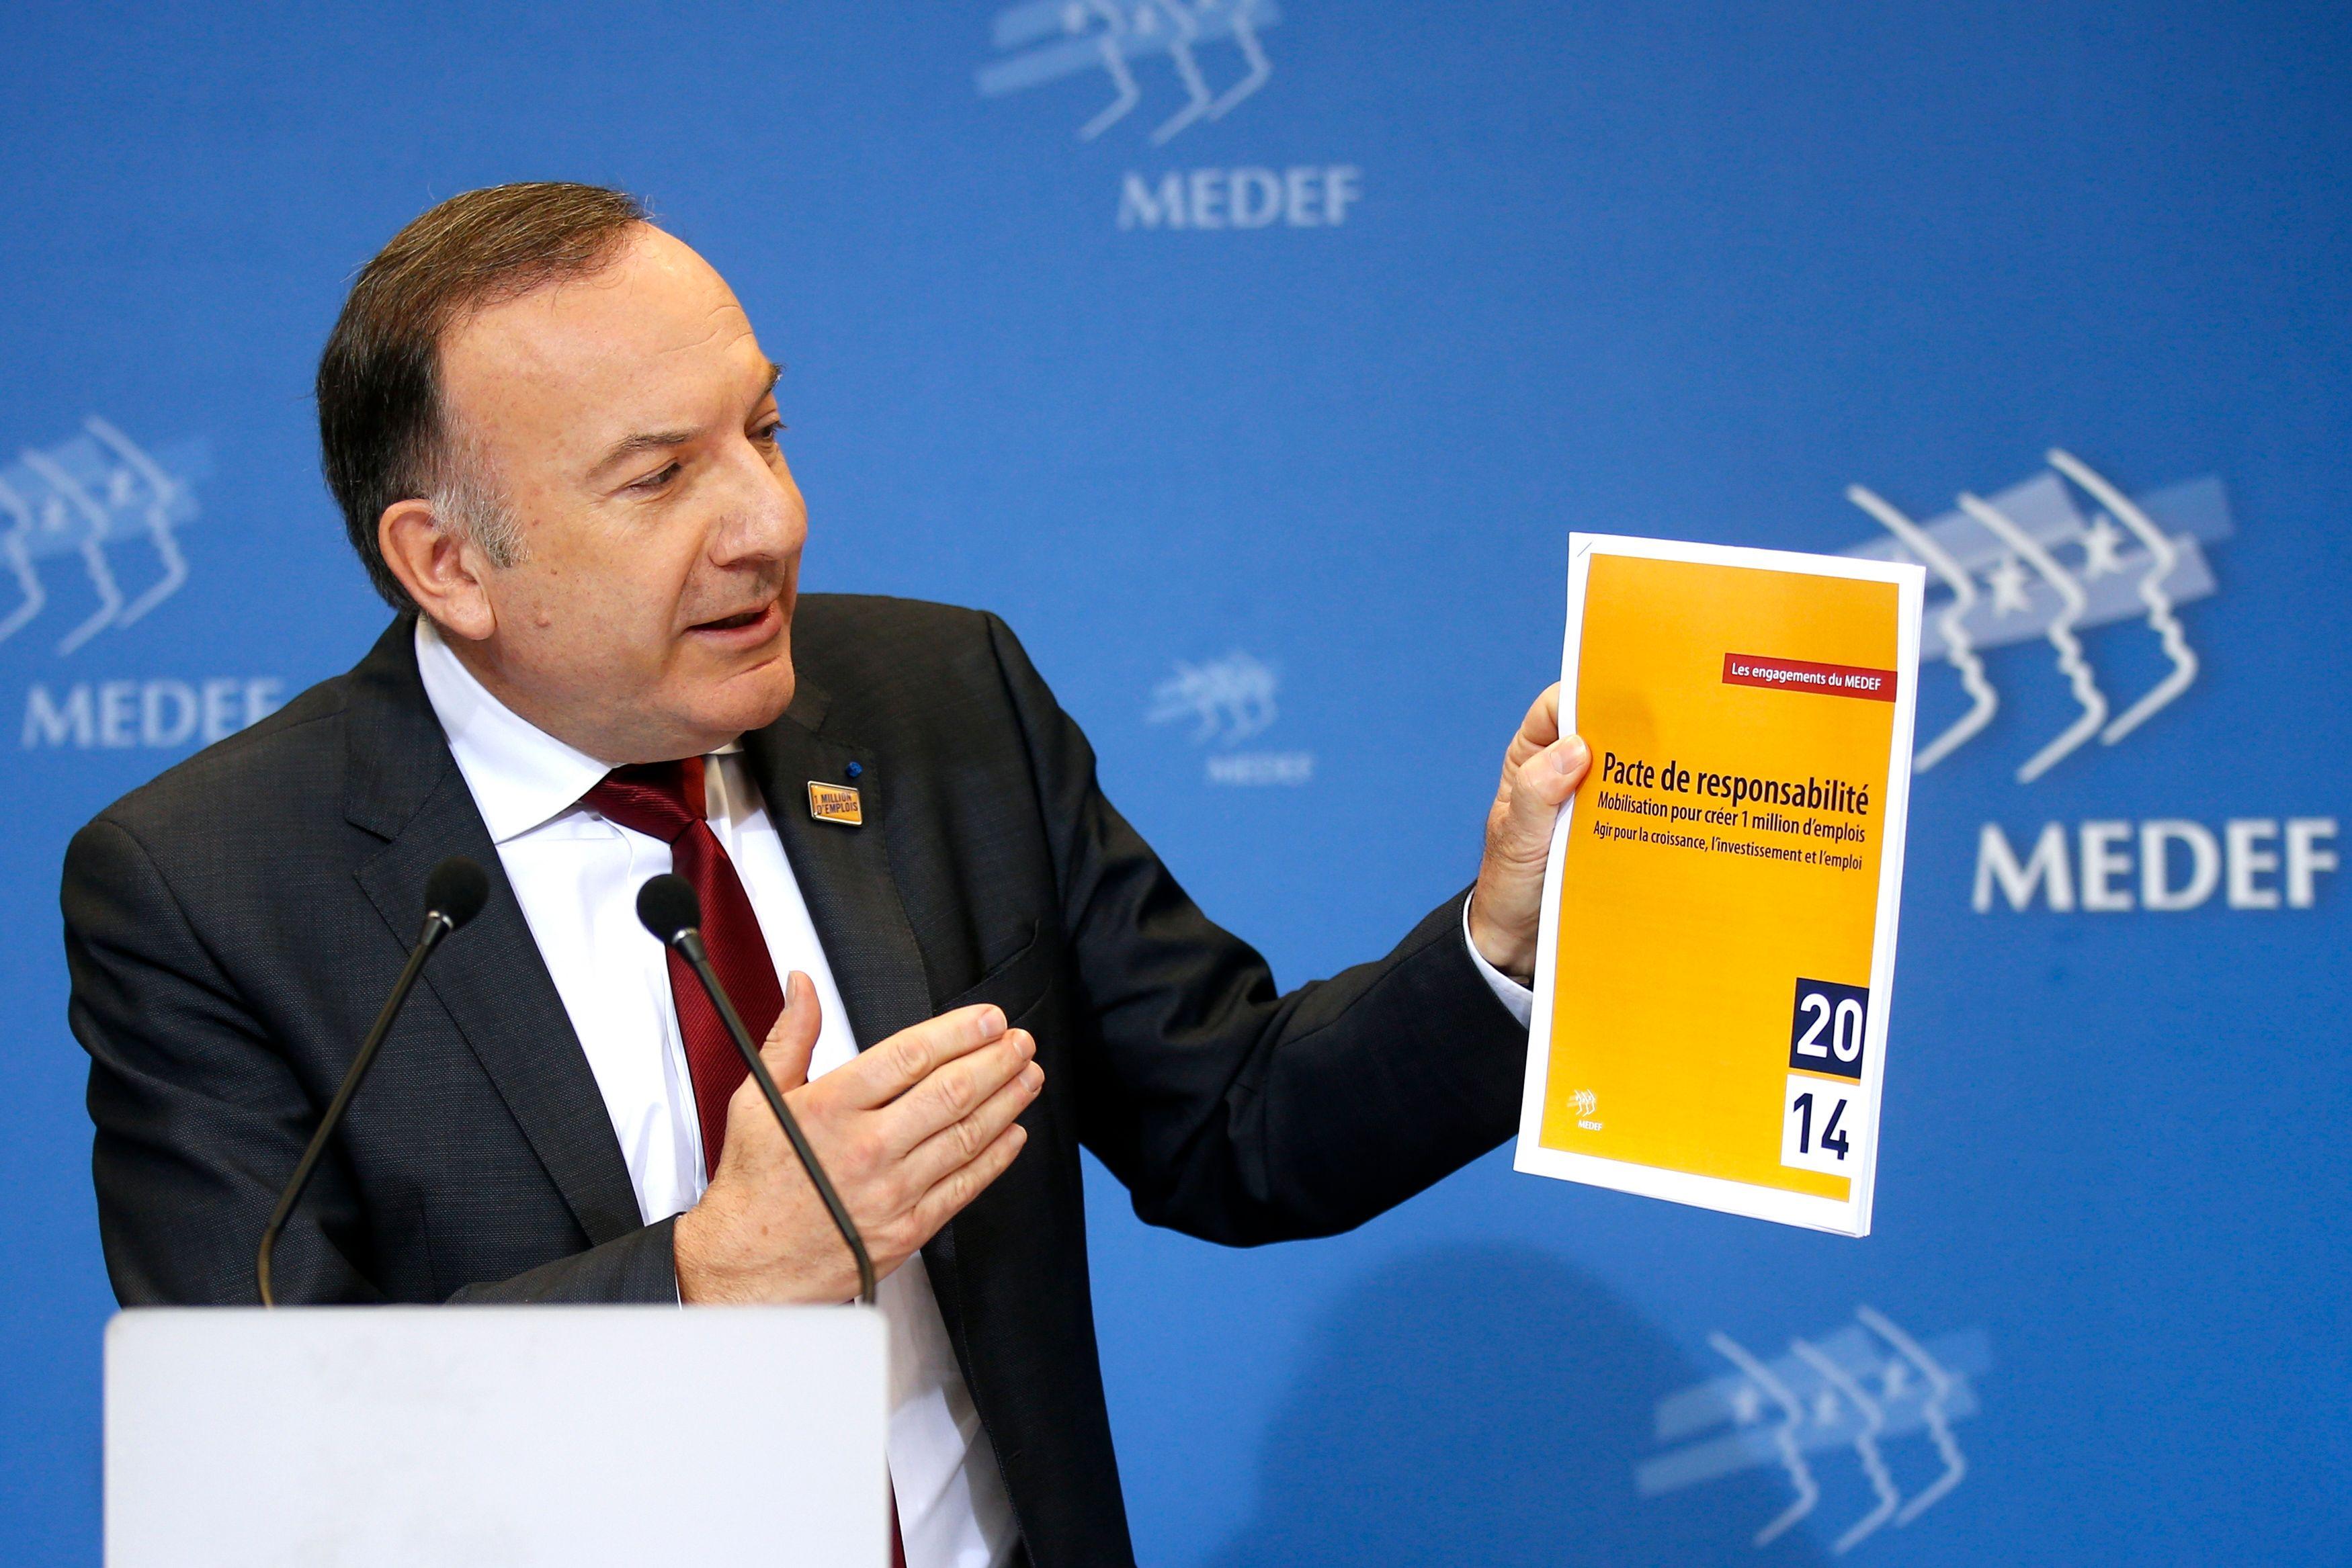 """Le président du MEDEF Pierre Gattaz présente le """"Pacte de responsabilité"""" lors d'une coférence."""